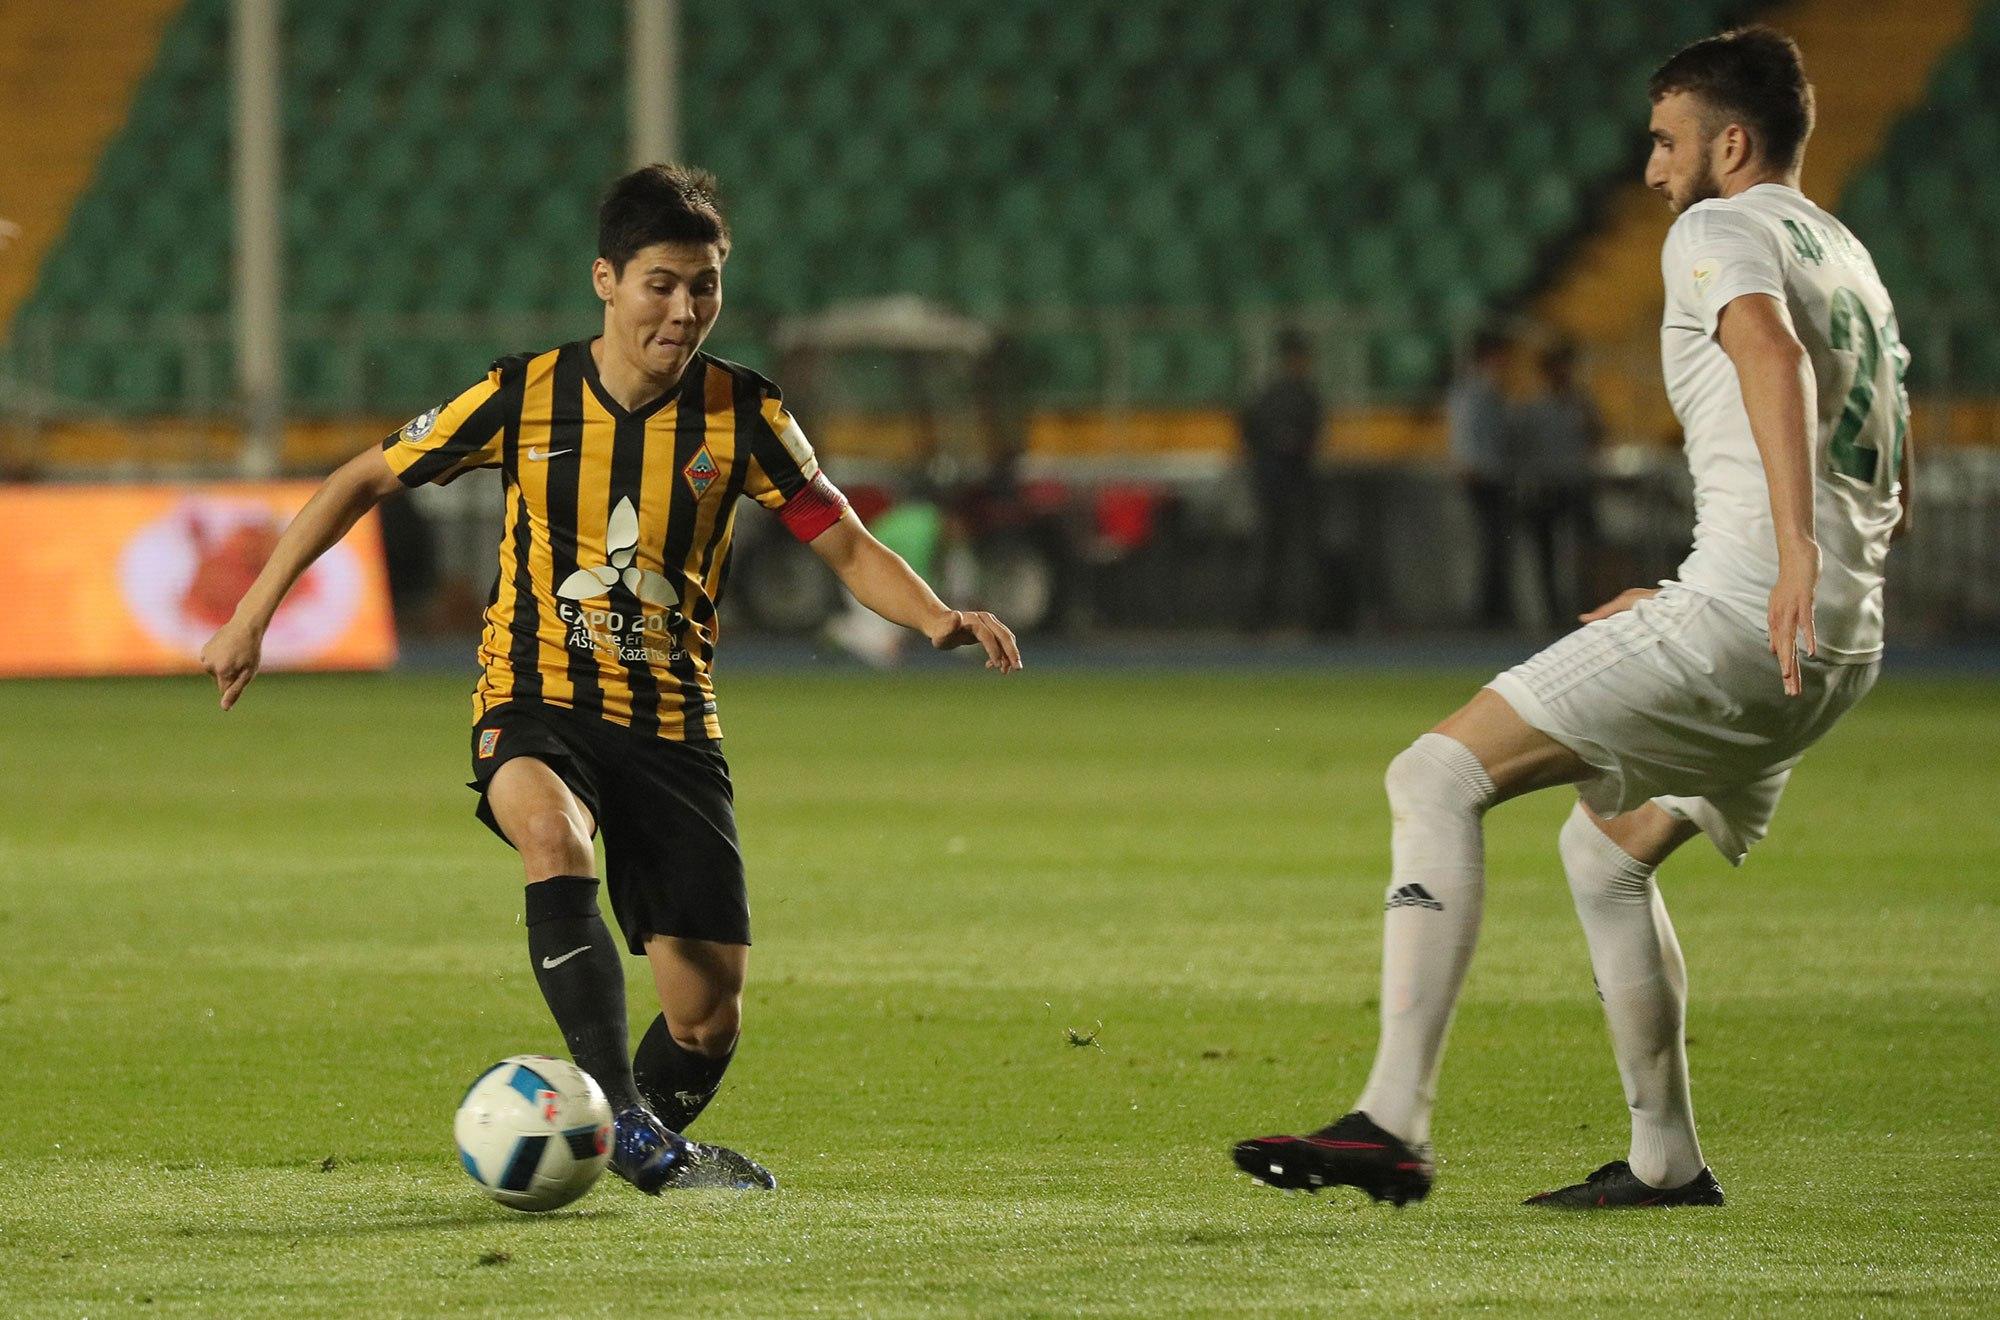 Damchevski (L) at the game; photo: sports.kz